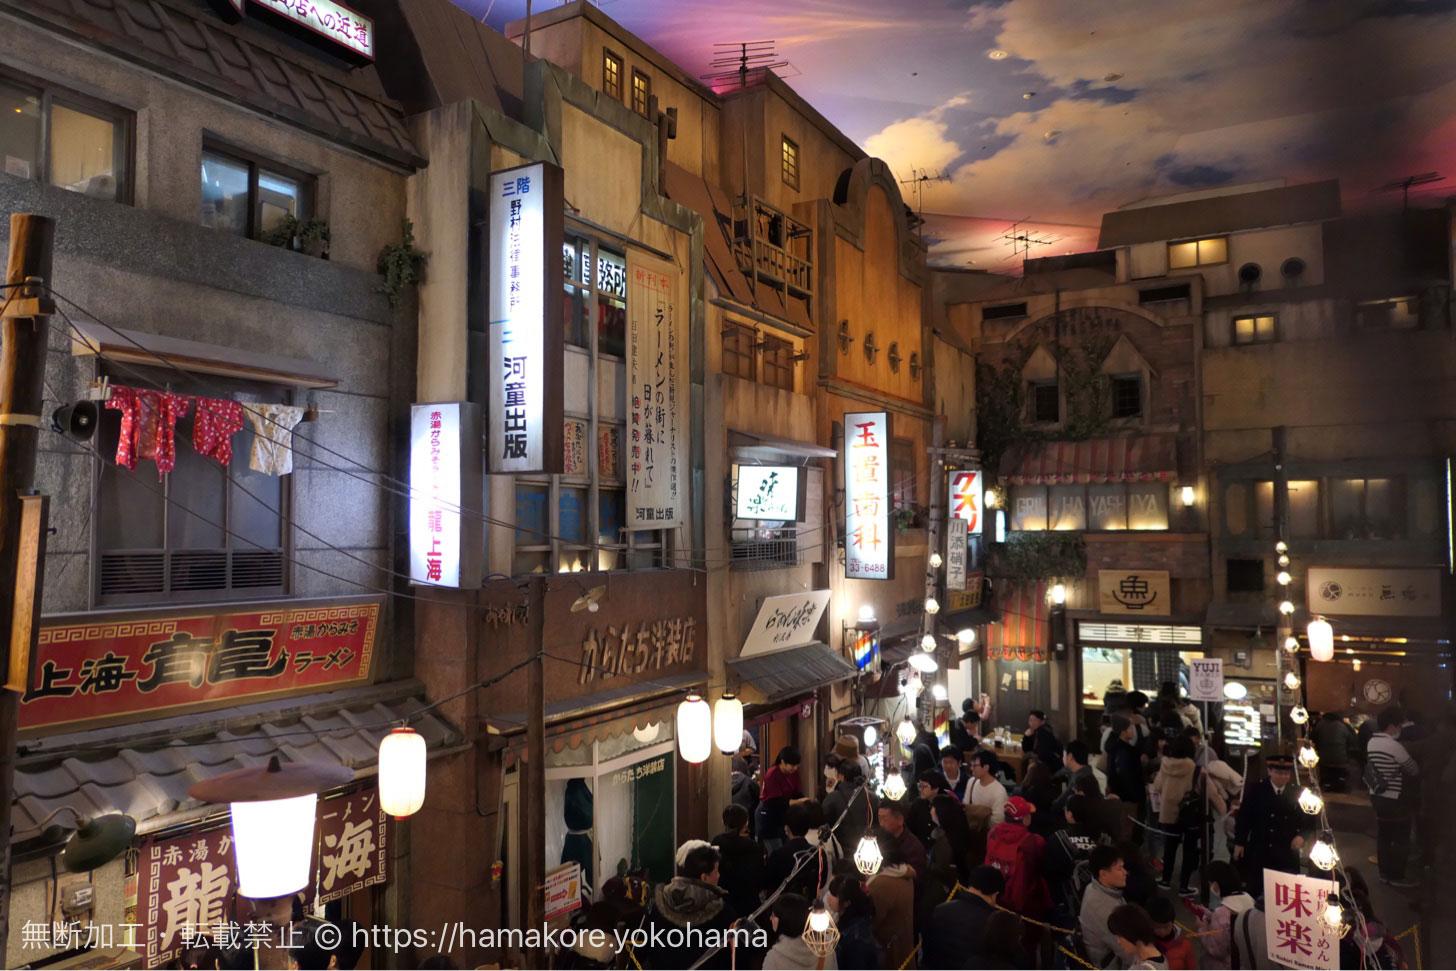 新横浜「ラーメン博物館」でラーメン食べ歩き!揚げパンは駄菓子屋で休日限定販売